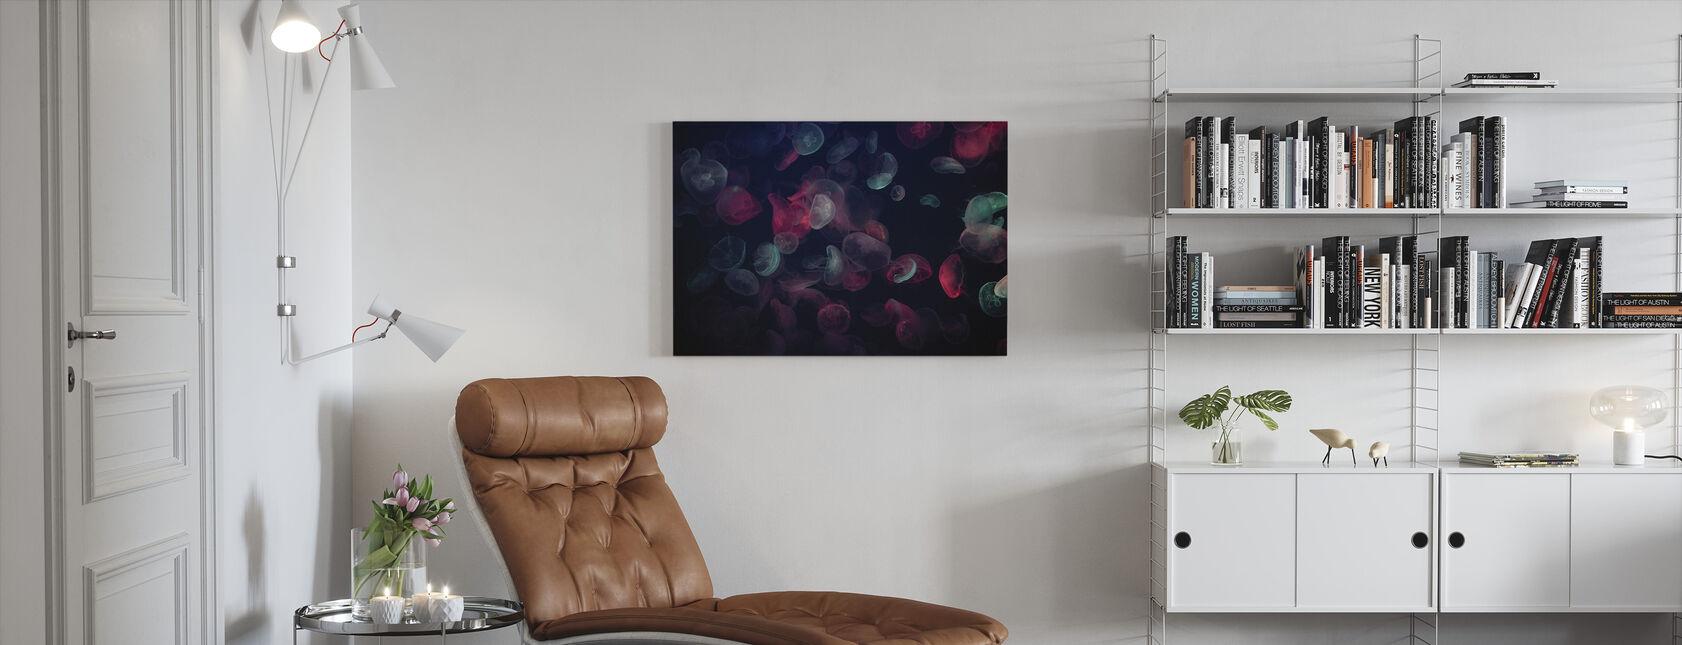 Maneter - Canvastavla - Vardagsrum